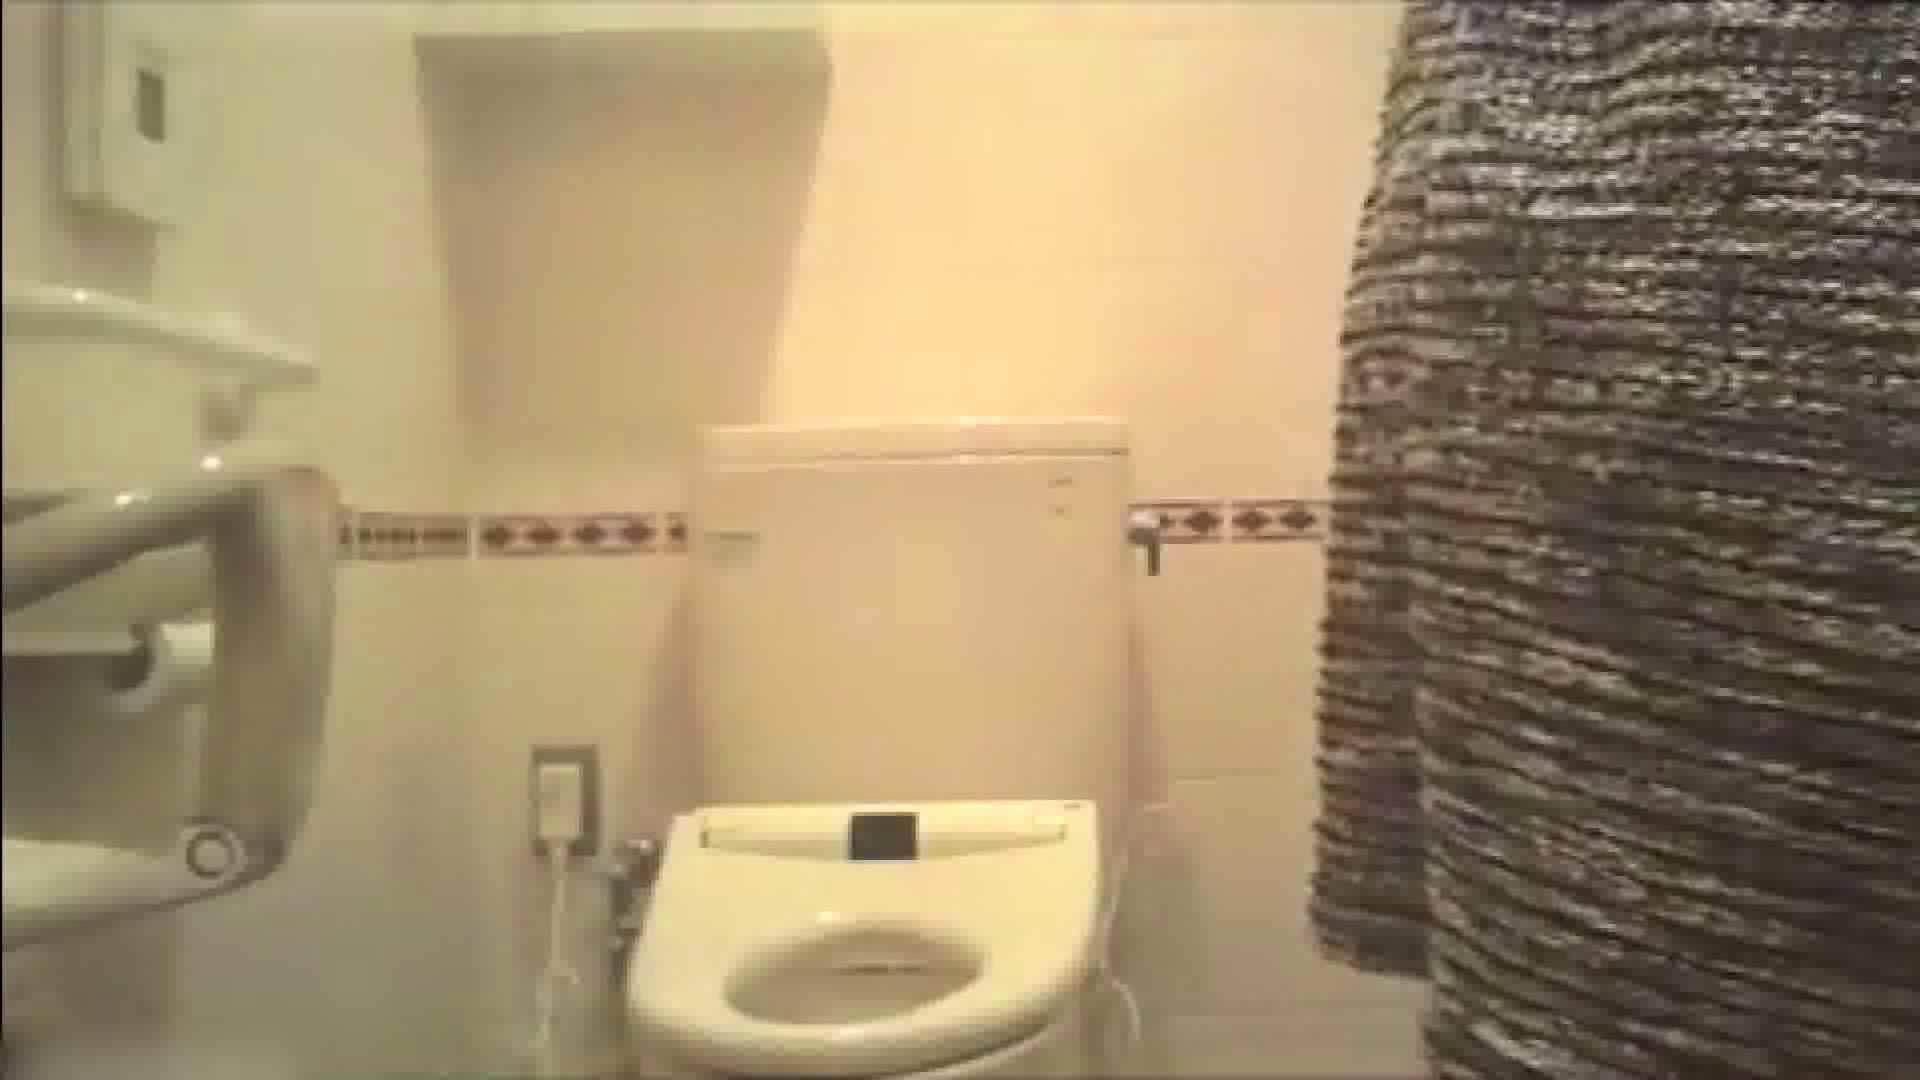 実録!!綺麗なお姉さんのトイレ事情・・・。vol.17 お姉さんのエッチ  80PIX 72